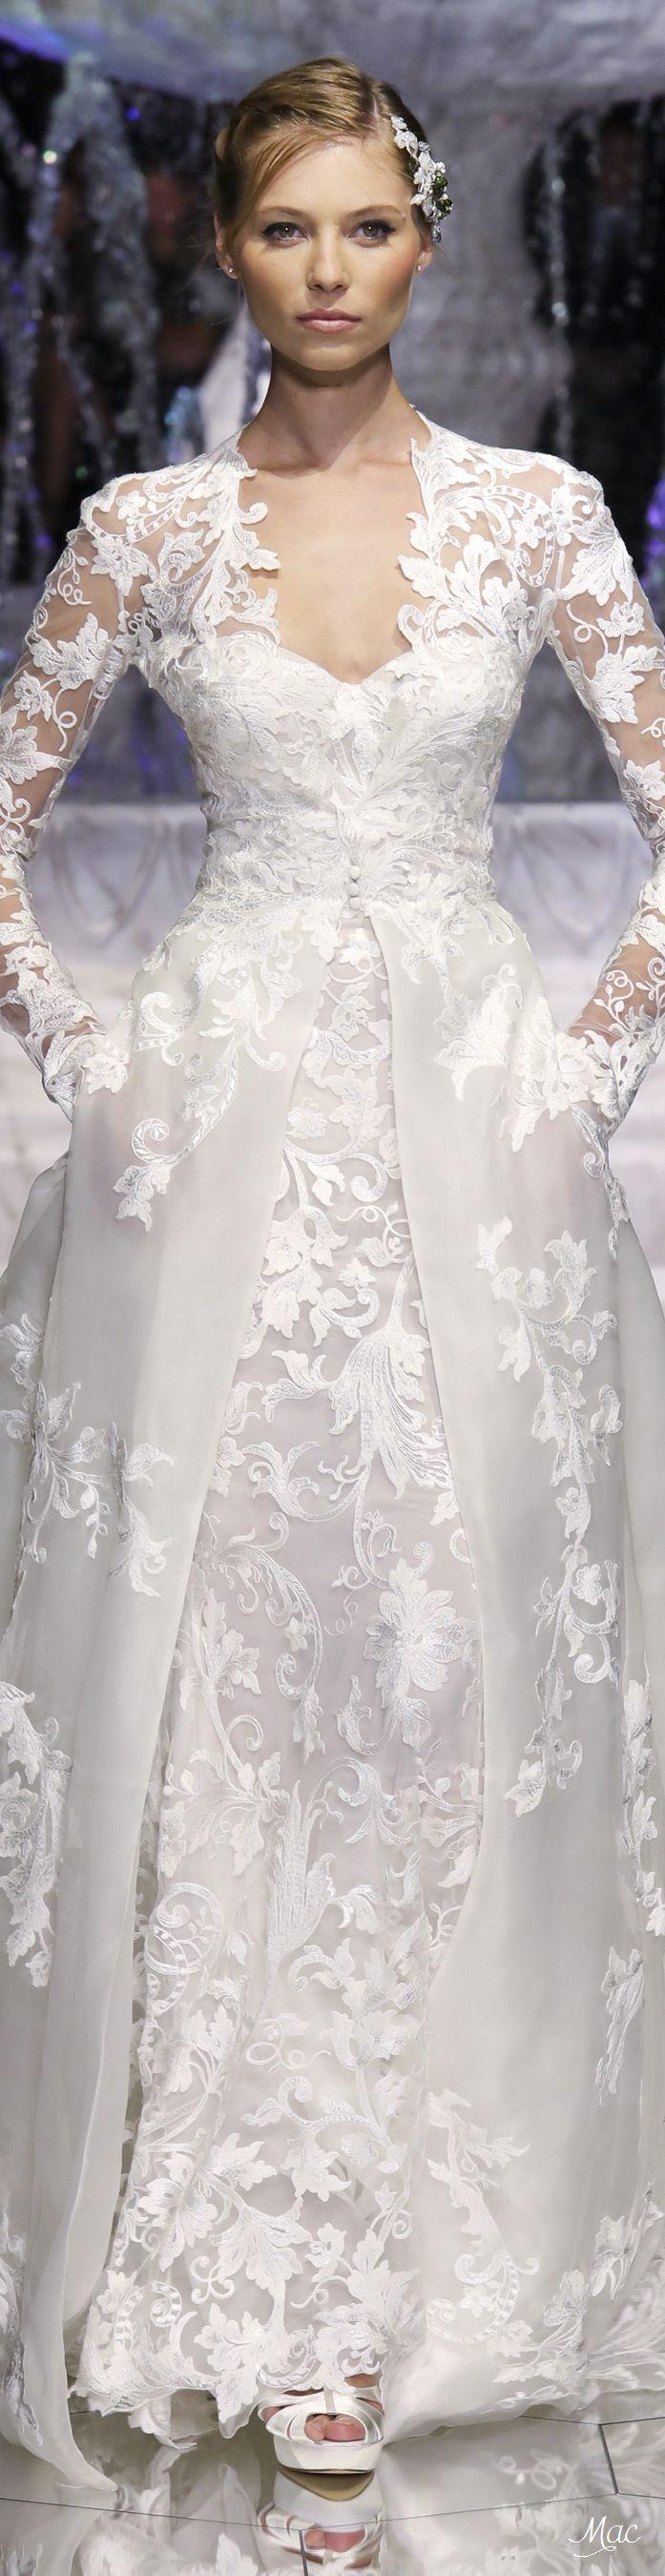 Spring bridal pronovias conservative dress but still